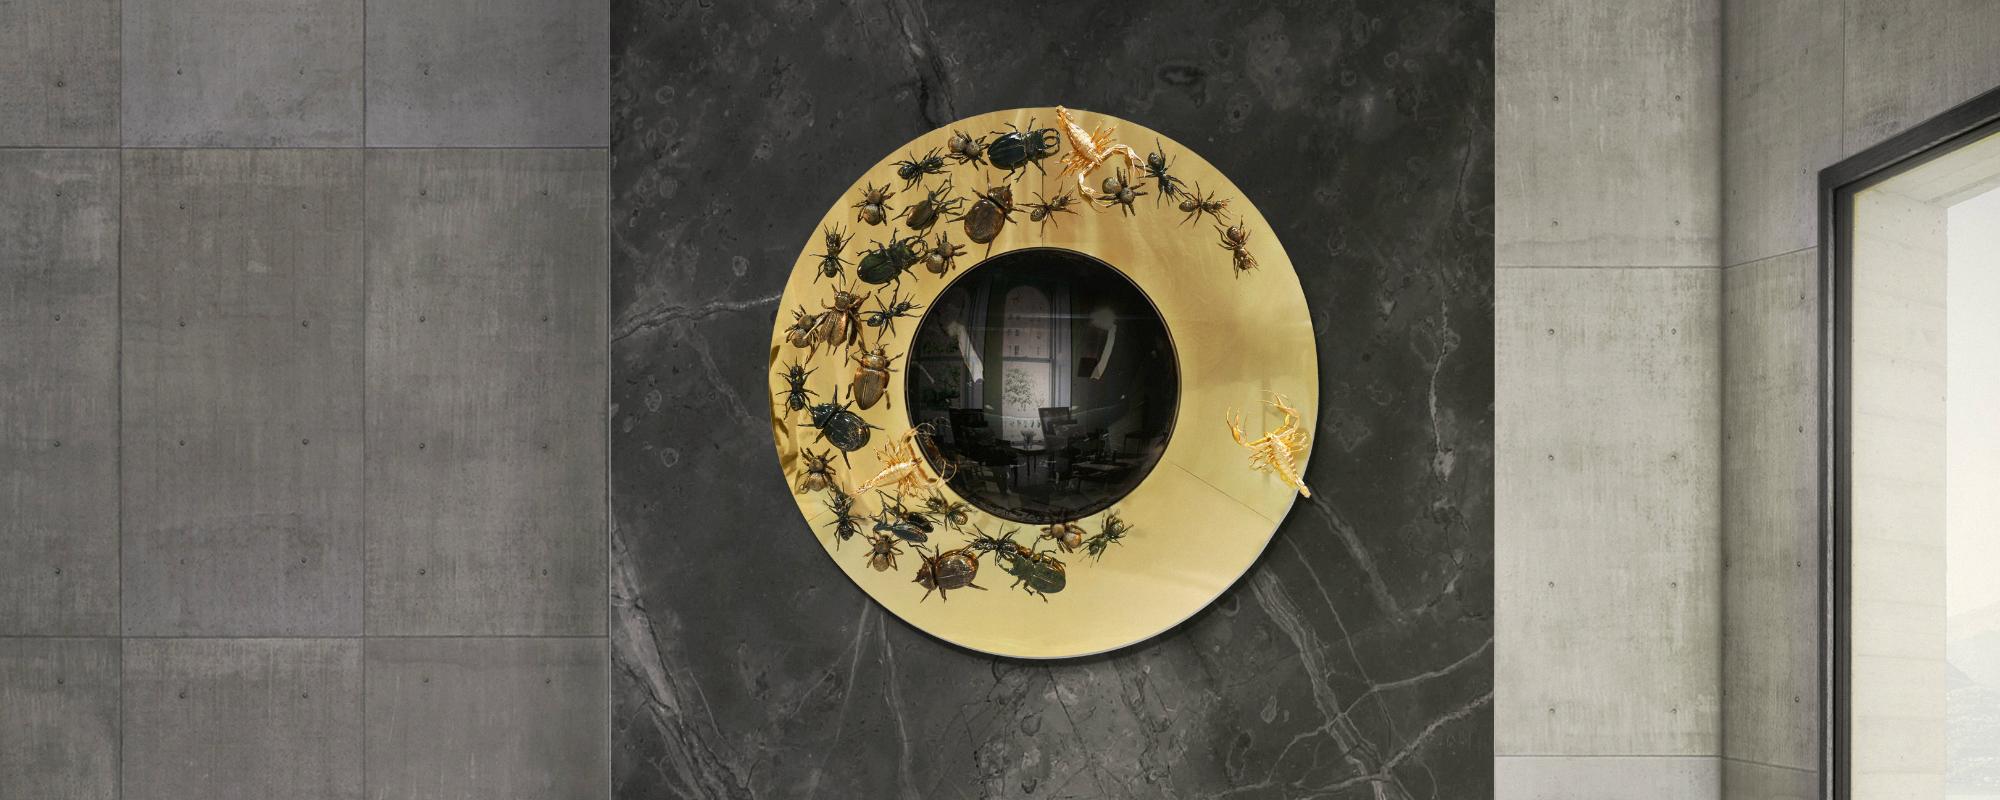 espejos de pared 5 Impressionantes Espejos de Pared que Tambíen son Piezas de Arte metamorphosis mirror hr 01